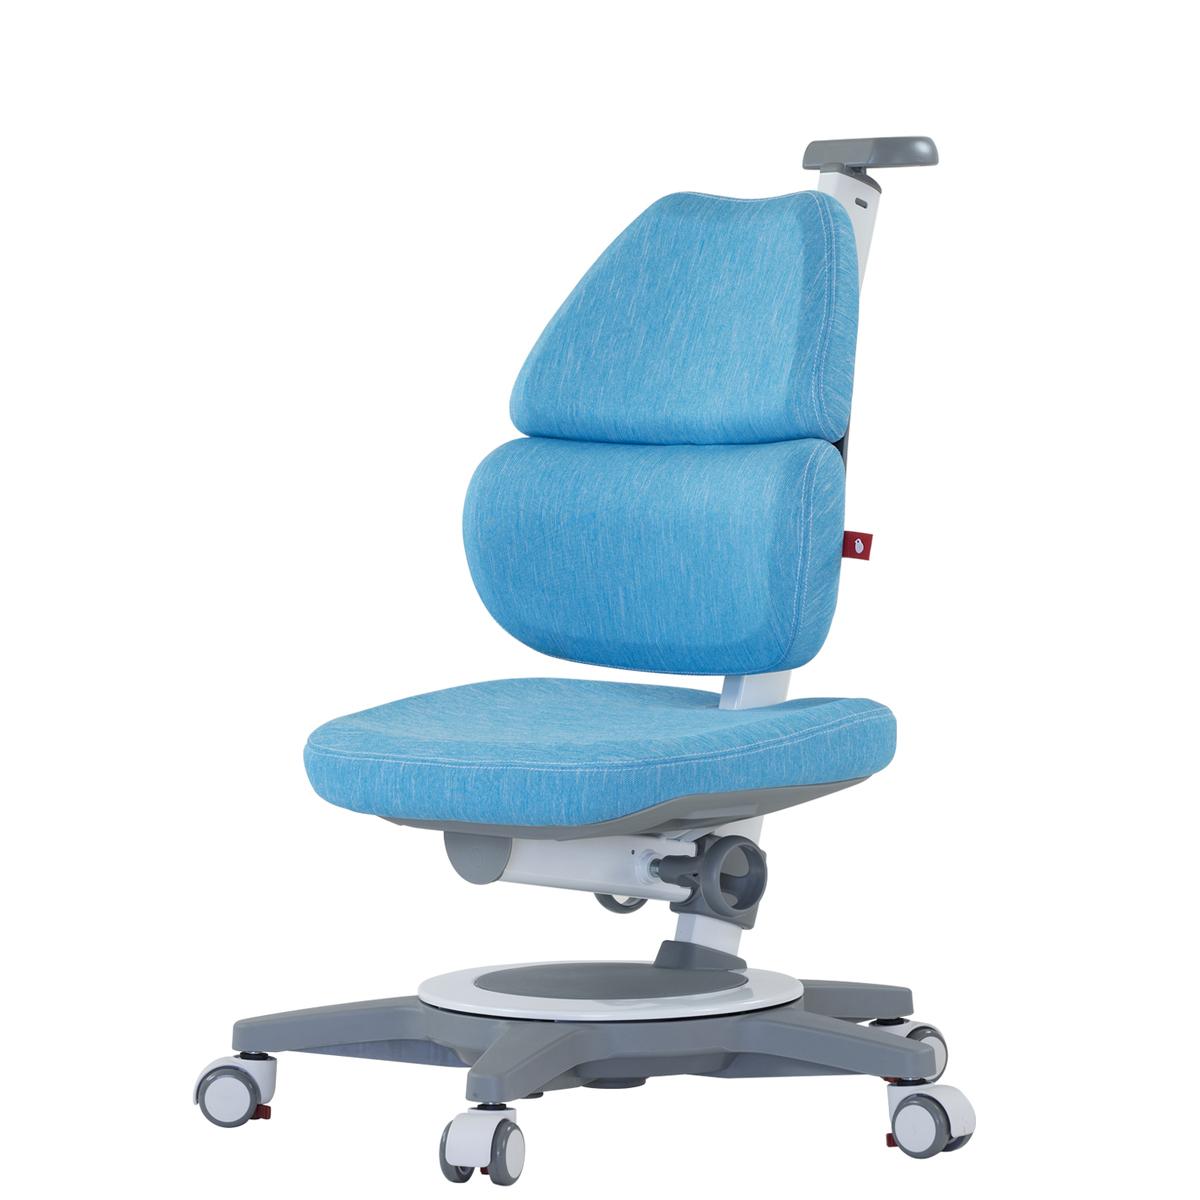 96c6d61b5def2 Rastúca stoličky Amadeus - Laura modrá